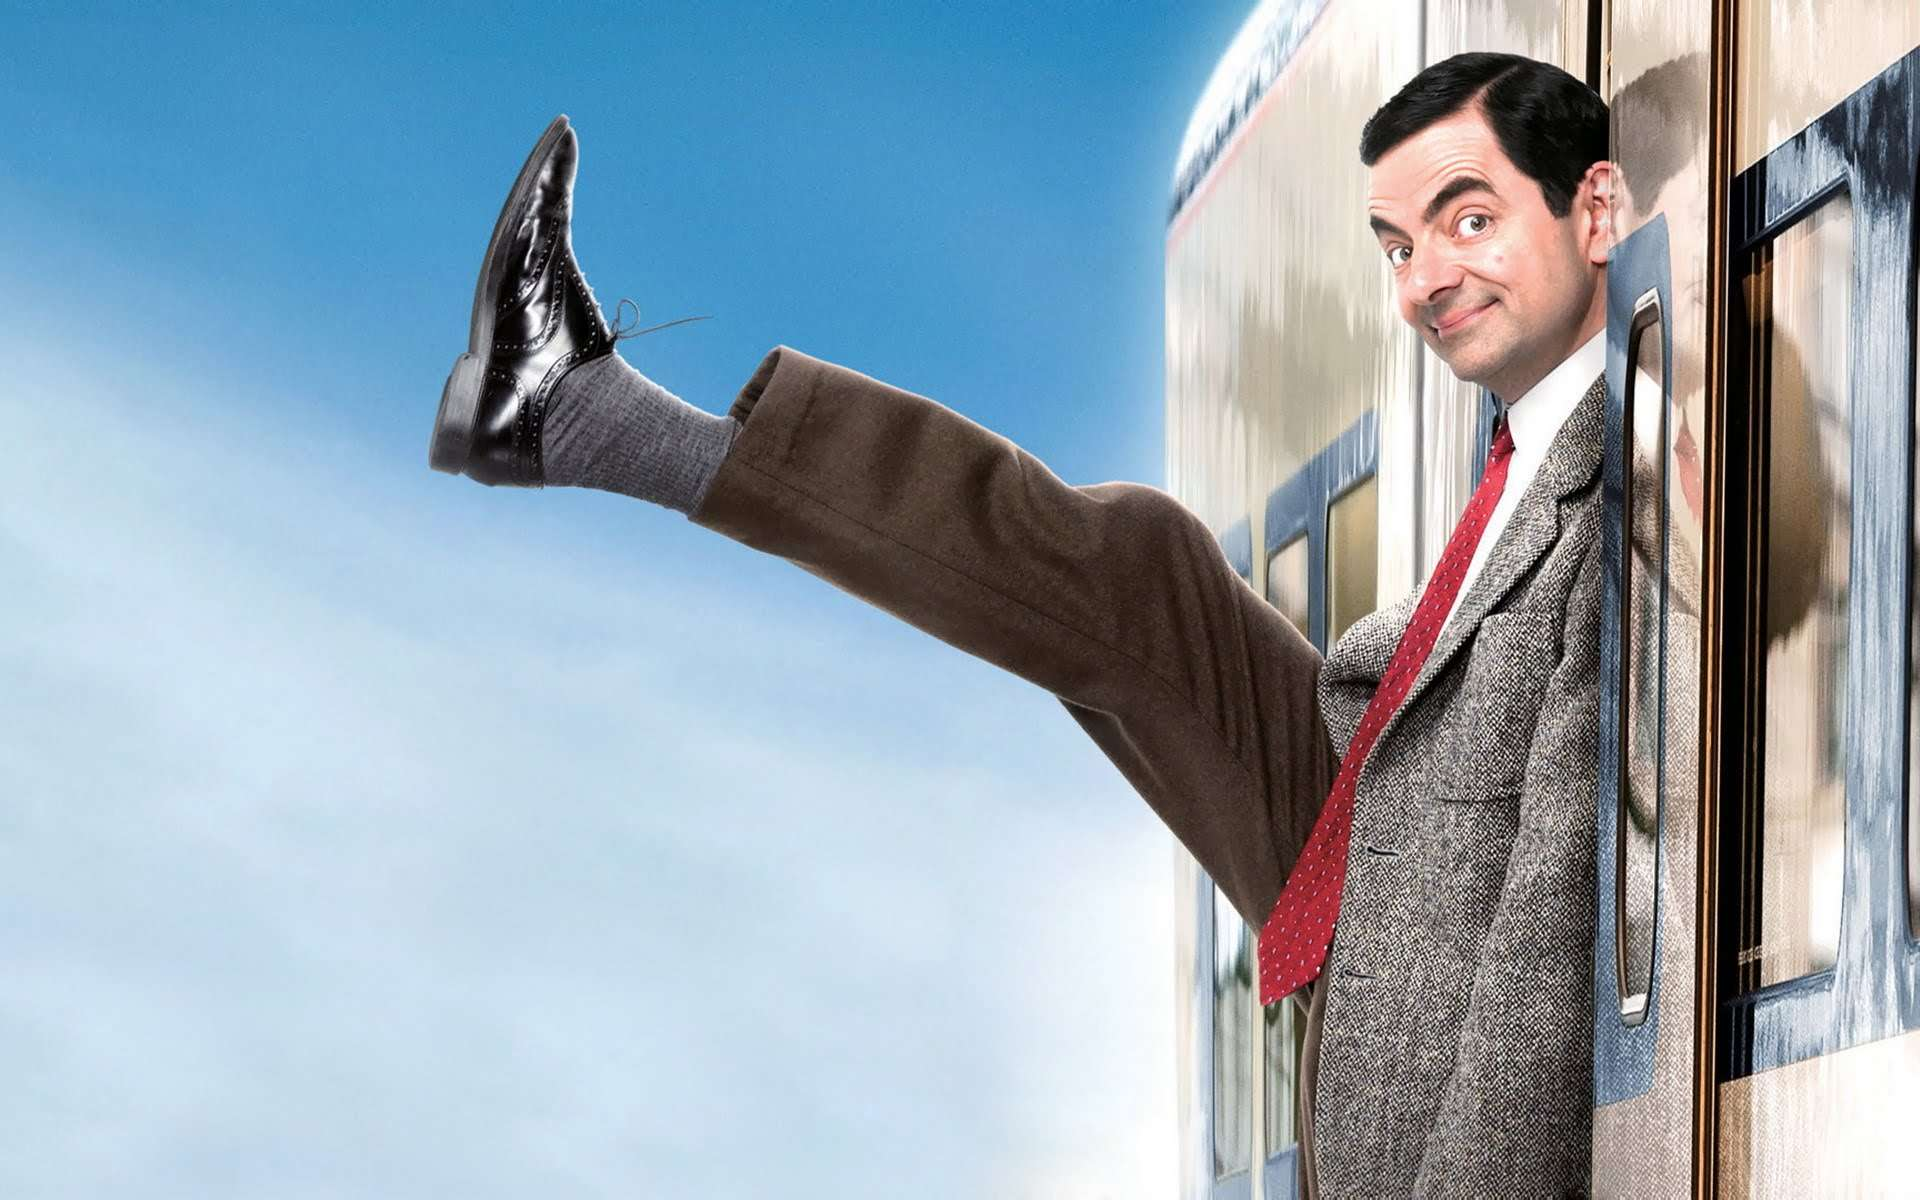 Το Mr. Bean ήταν μια Βρετανική κωμική τηλεοπτική σειρά 15 ημίωρων επεισοδίων, στην οποία πρωταγωνιστούσε ο Ρόουαν Άτκινσον.